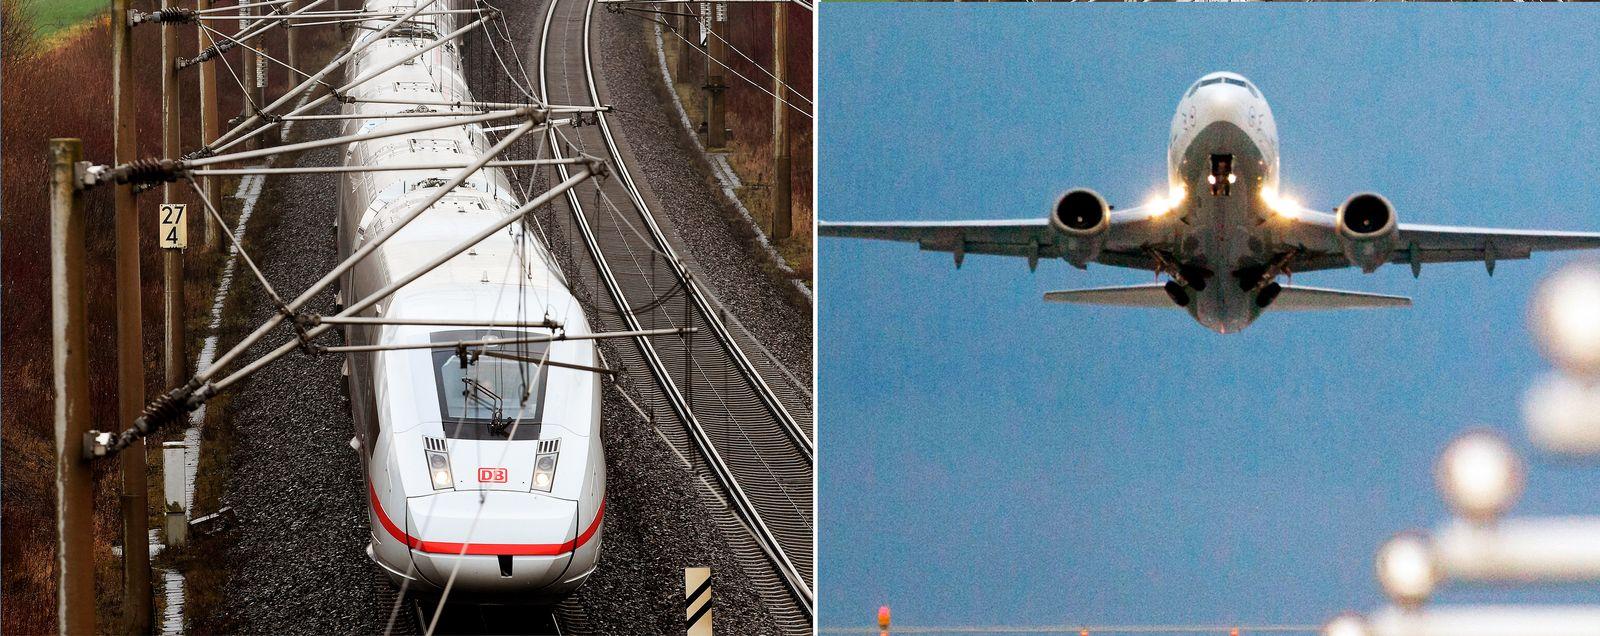 Bahn / Flieger